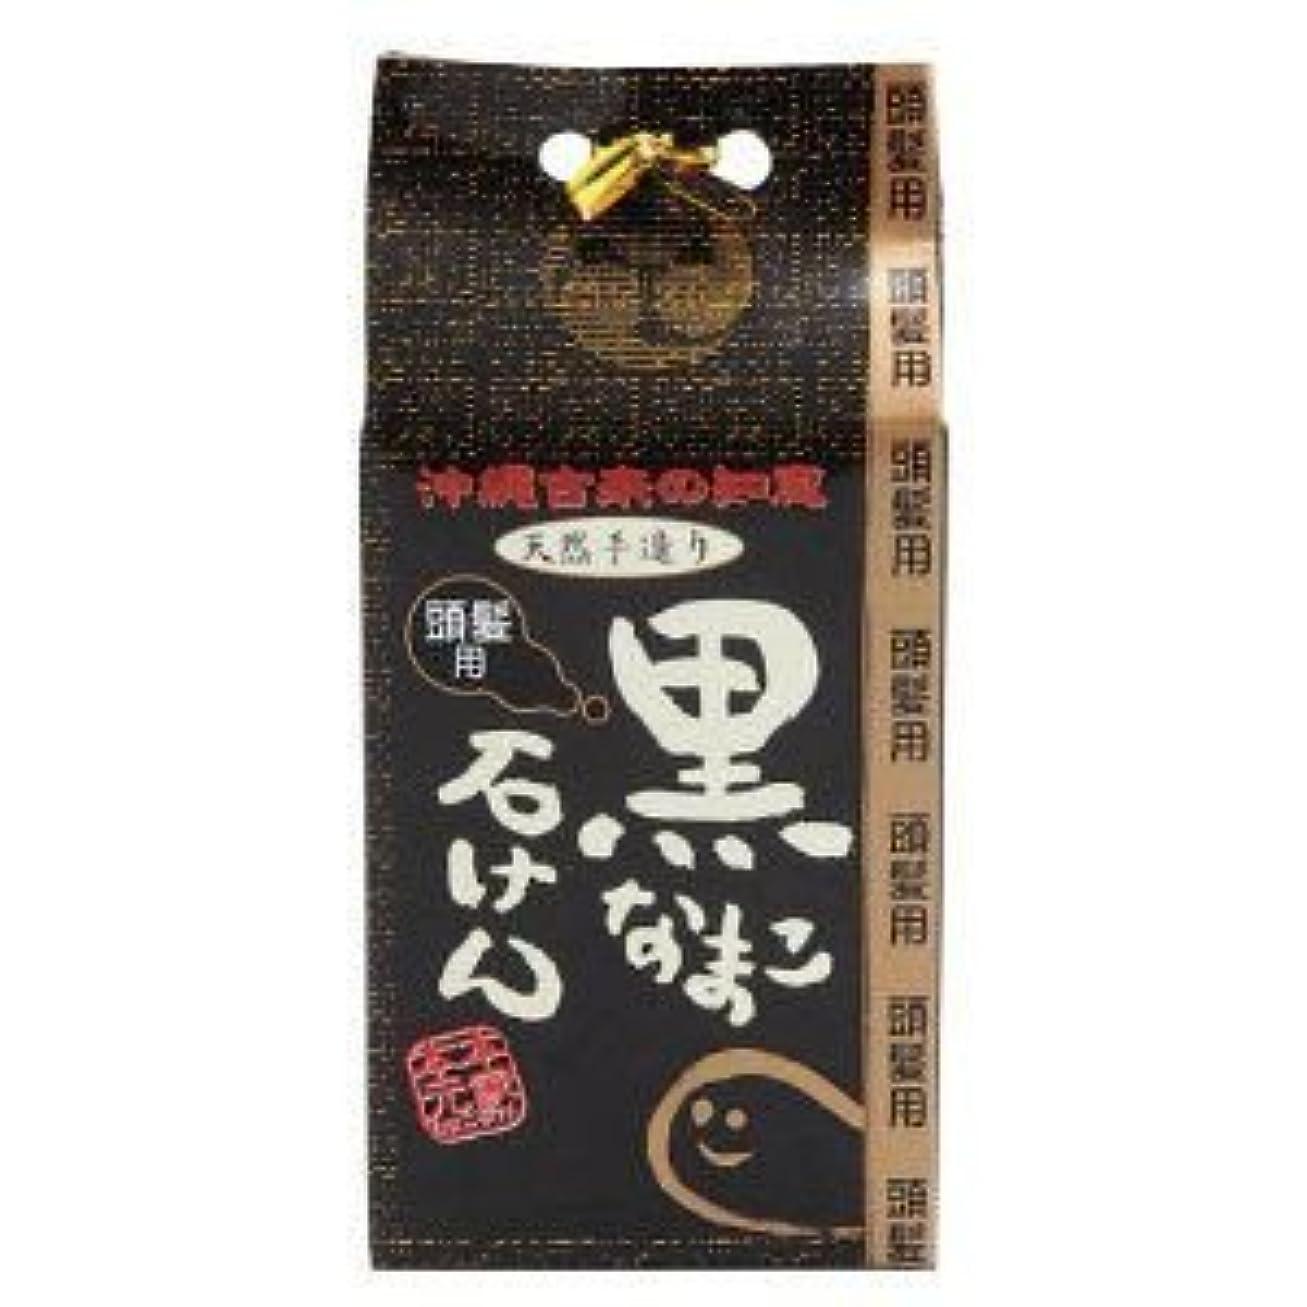 カバー自然セールスマン黒なまこ石けん 90g  2個セット ※素材のひとつひとつにこだわった石鹸シャンプーです。